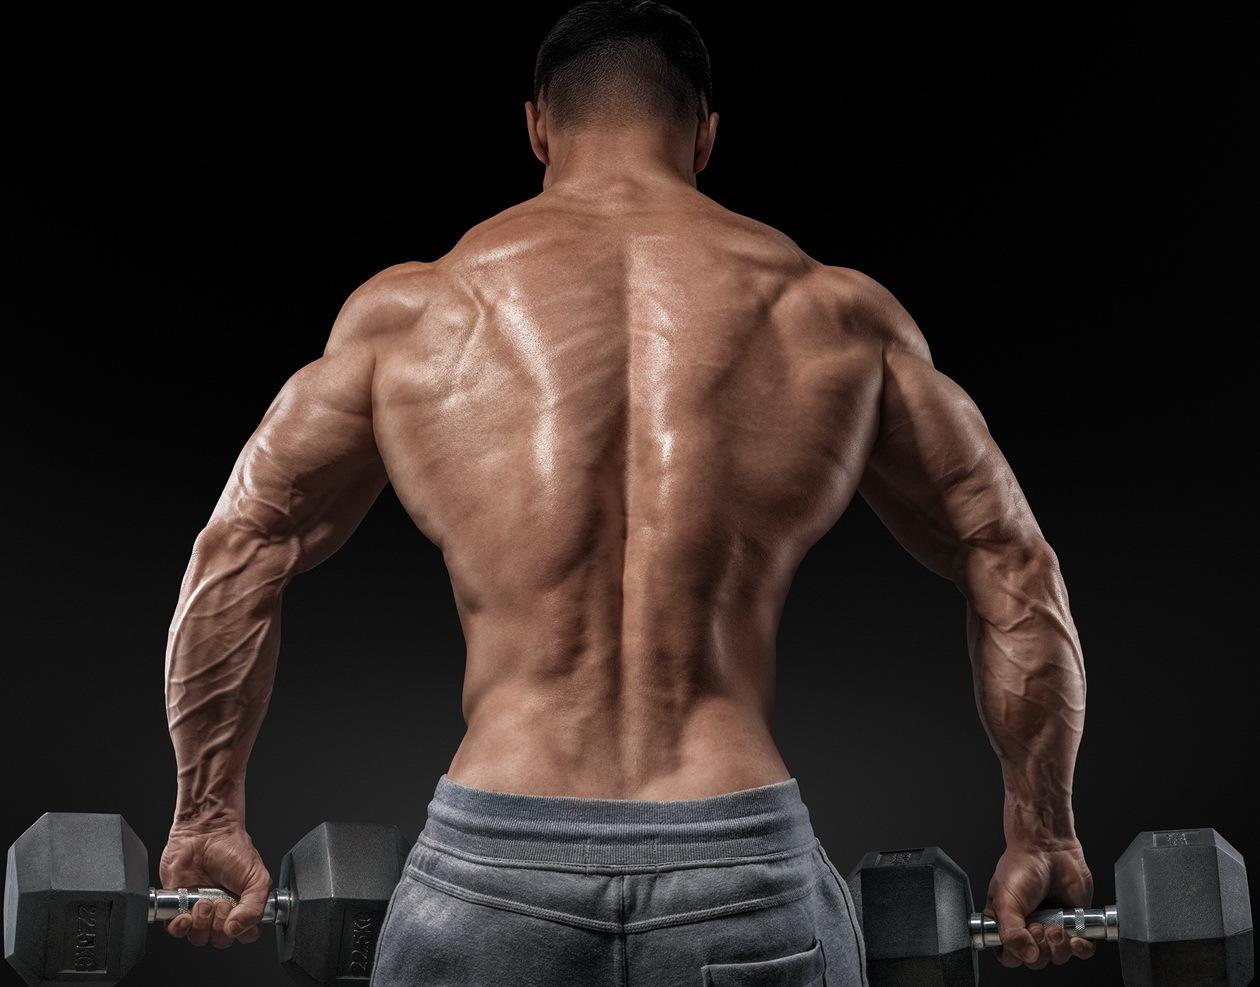 Abdomenul abdominal inferior și partea inferioară a spatelui